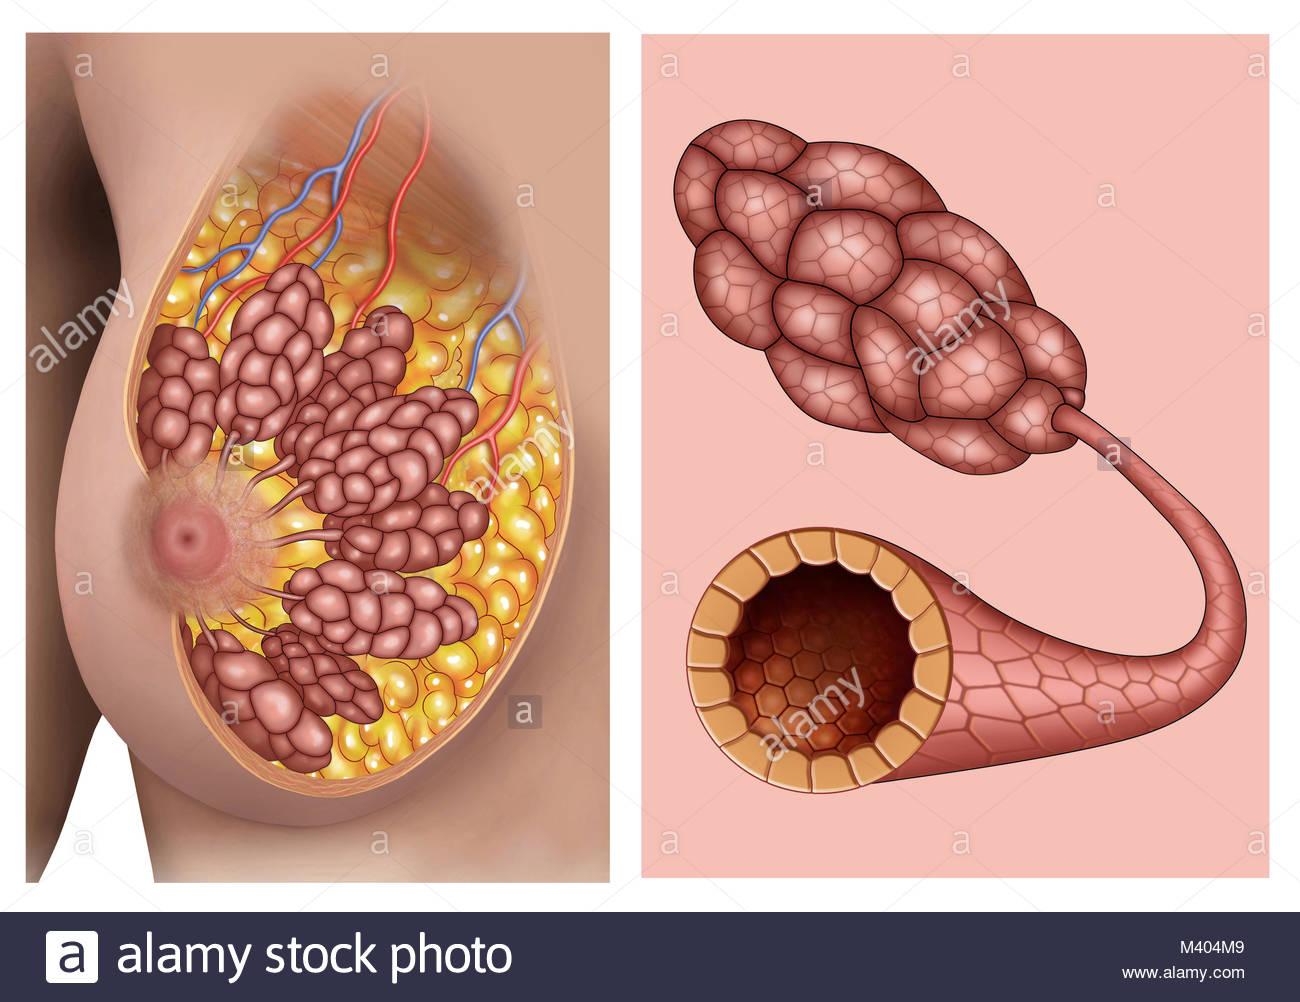 Anatomia de los pechos de mujer, en la que se puede ver claramente ...